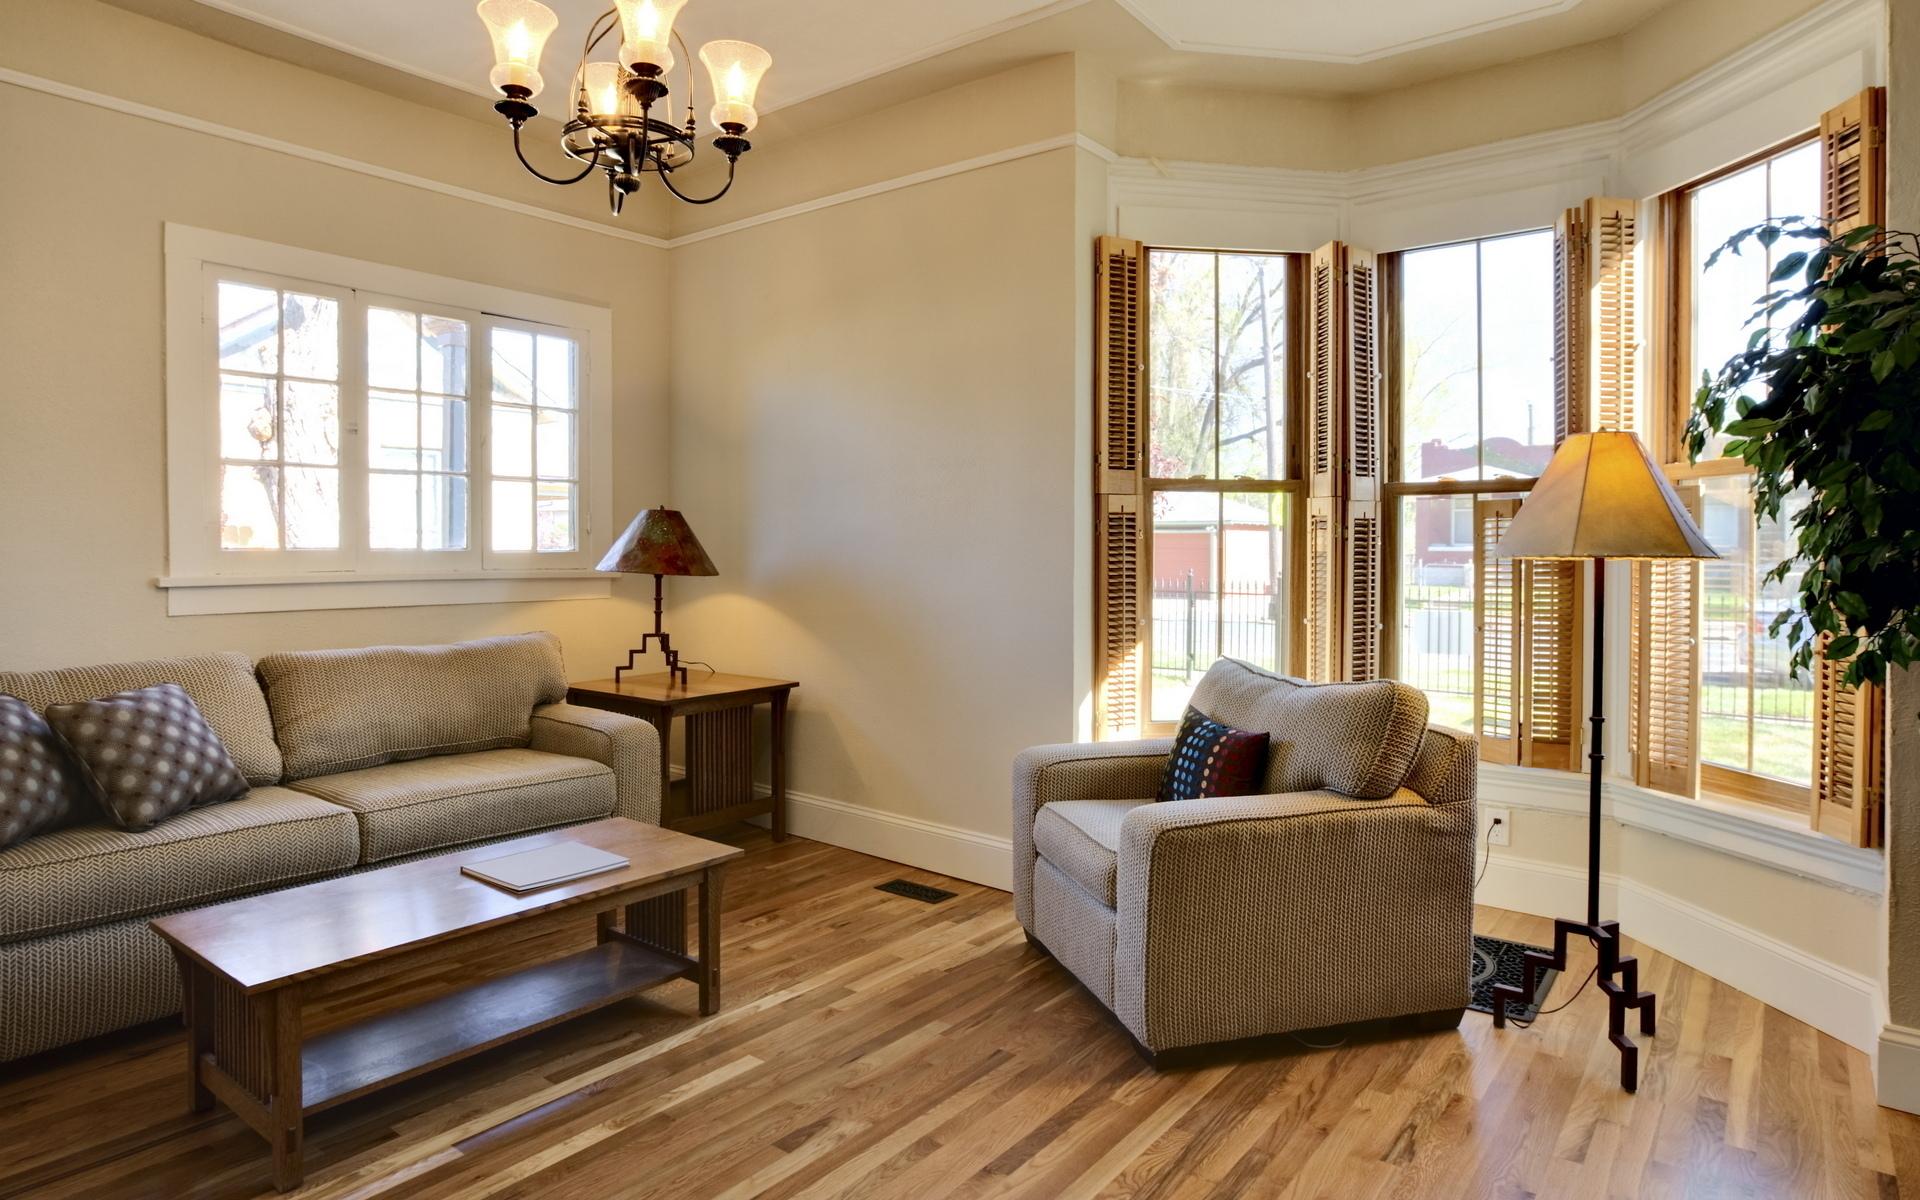 Люстра и настольные лампы в гостиной с двумя окнами